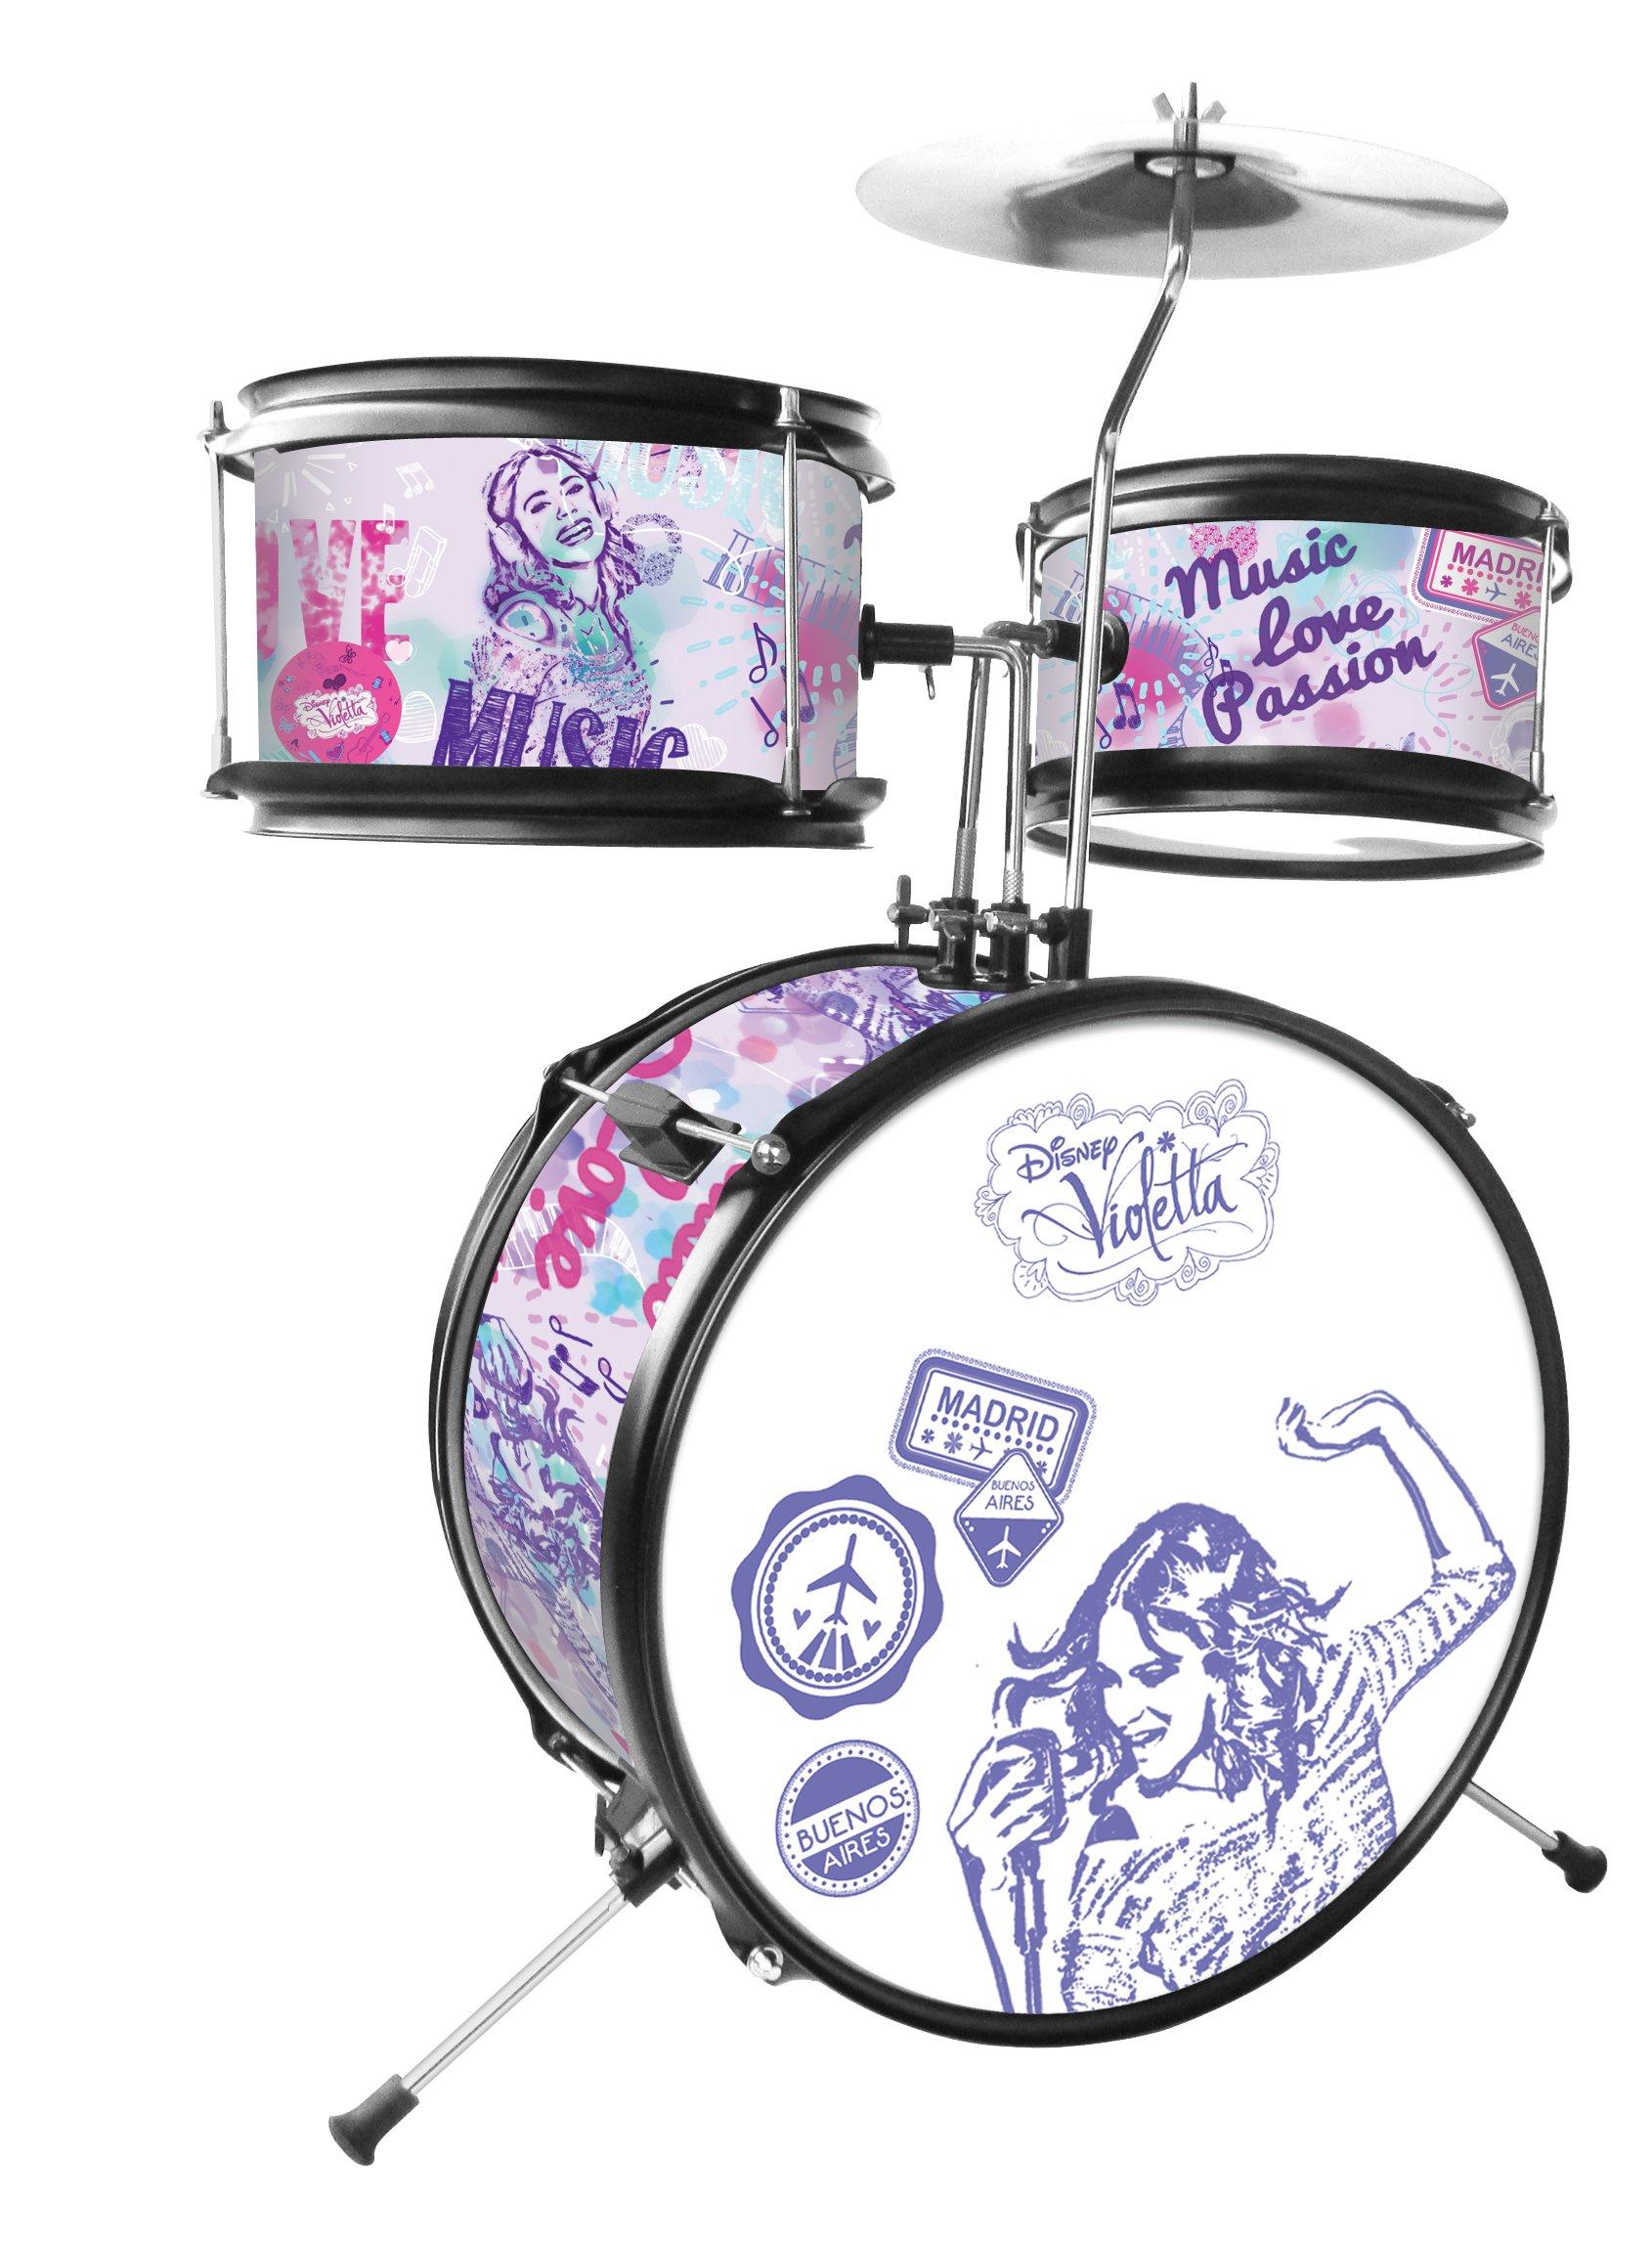 LEXiBOOK Disney Violetta Junior Drum Set, 1 bass Drum, 1 Pair of Drumsticks, White/Purple, K600VI by LEXiBOOK